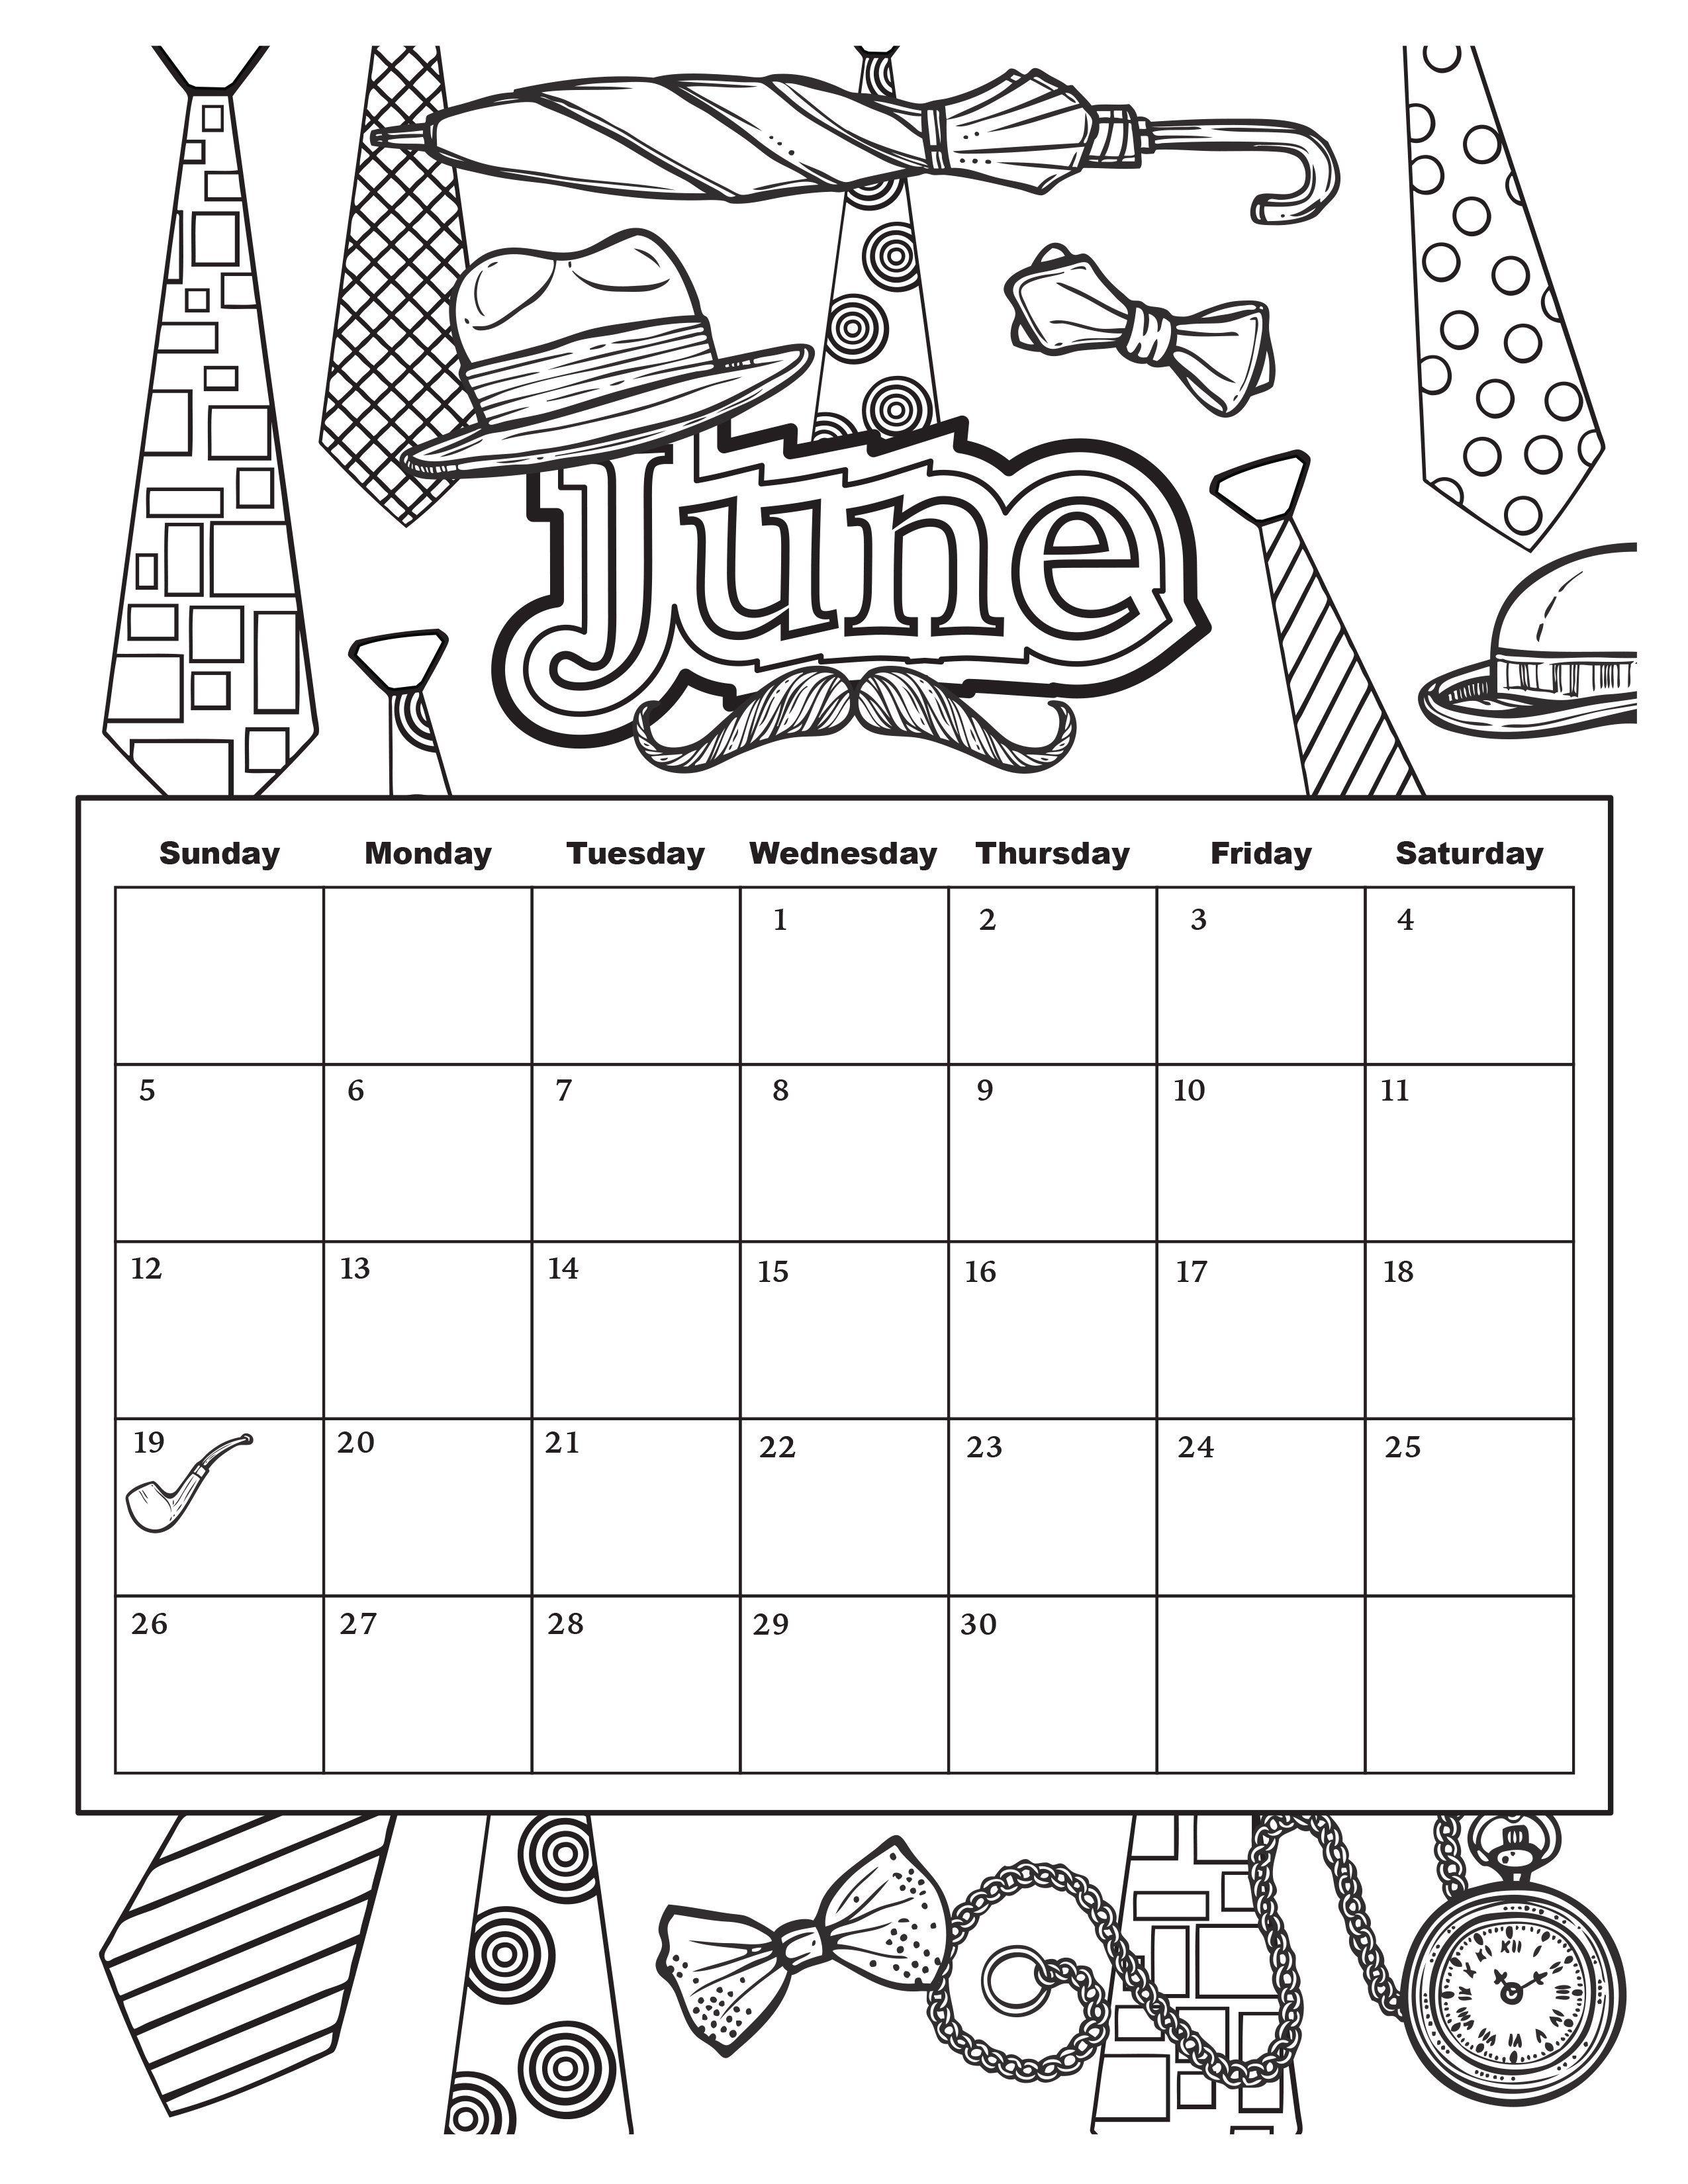 Pin de meghan petten en Calendar Templates en 2018 | Pinterest